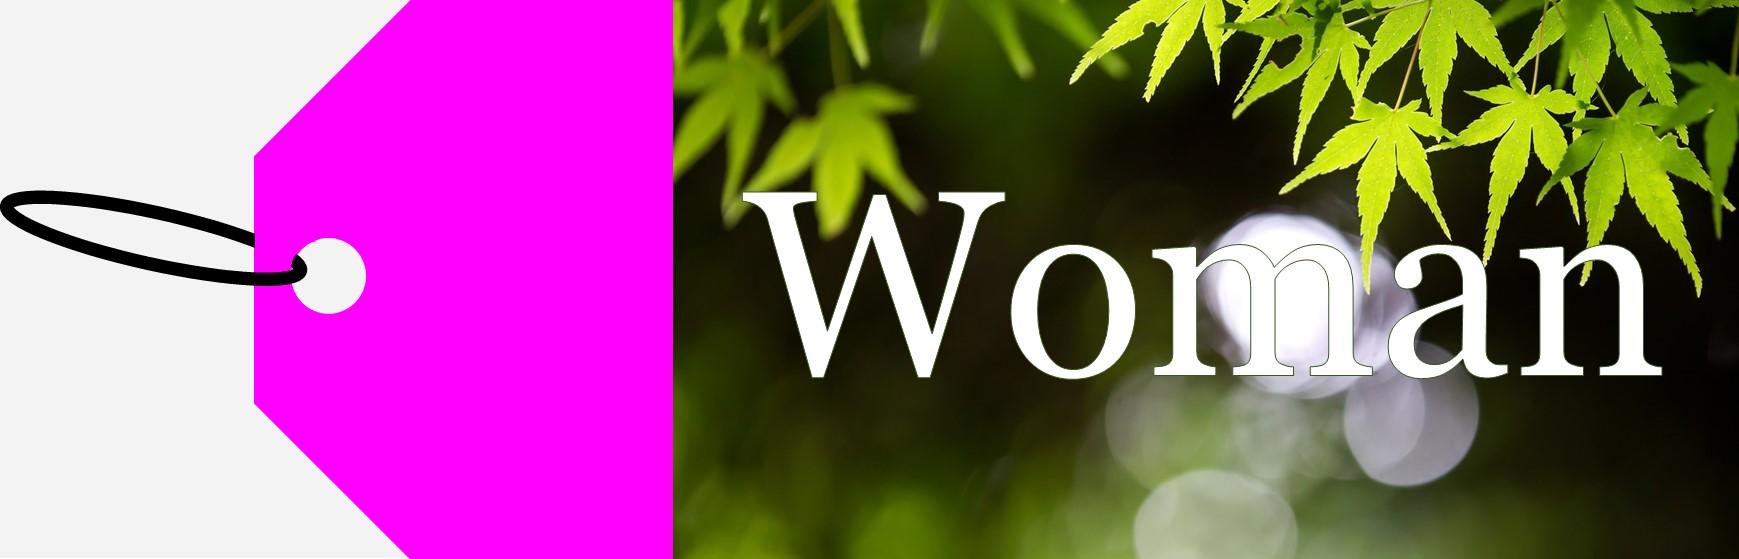 WOMAN WOMAN